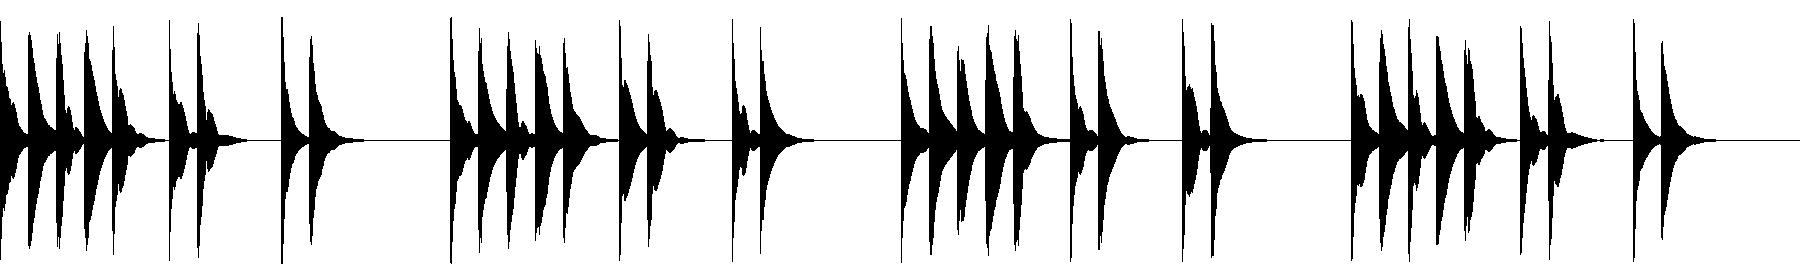 syn4 135